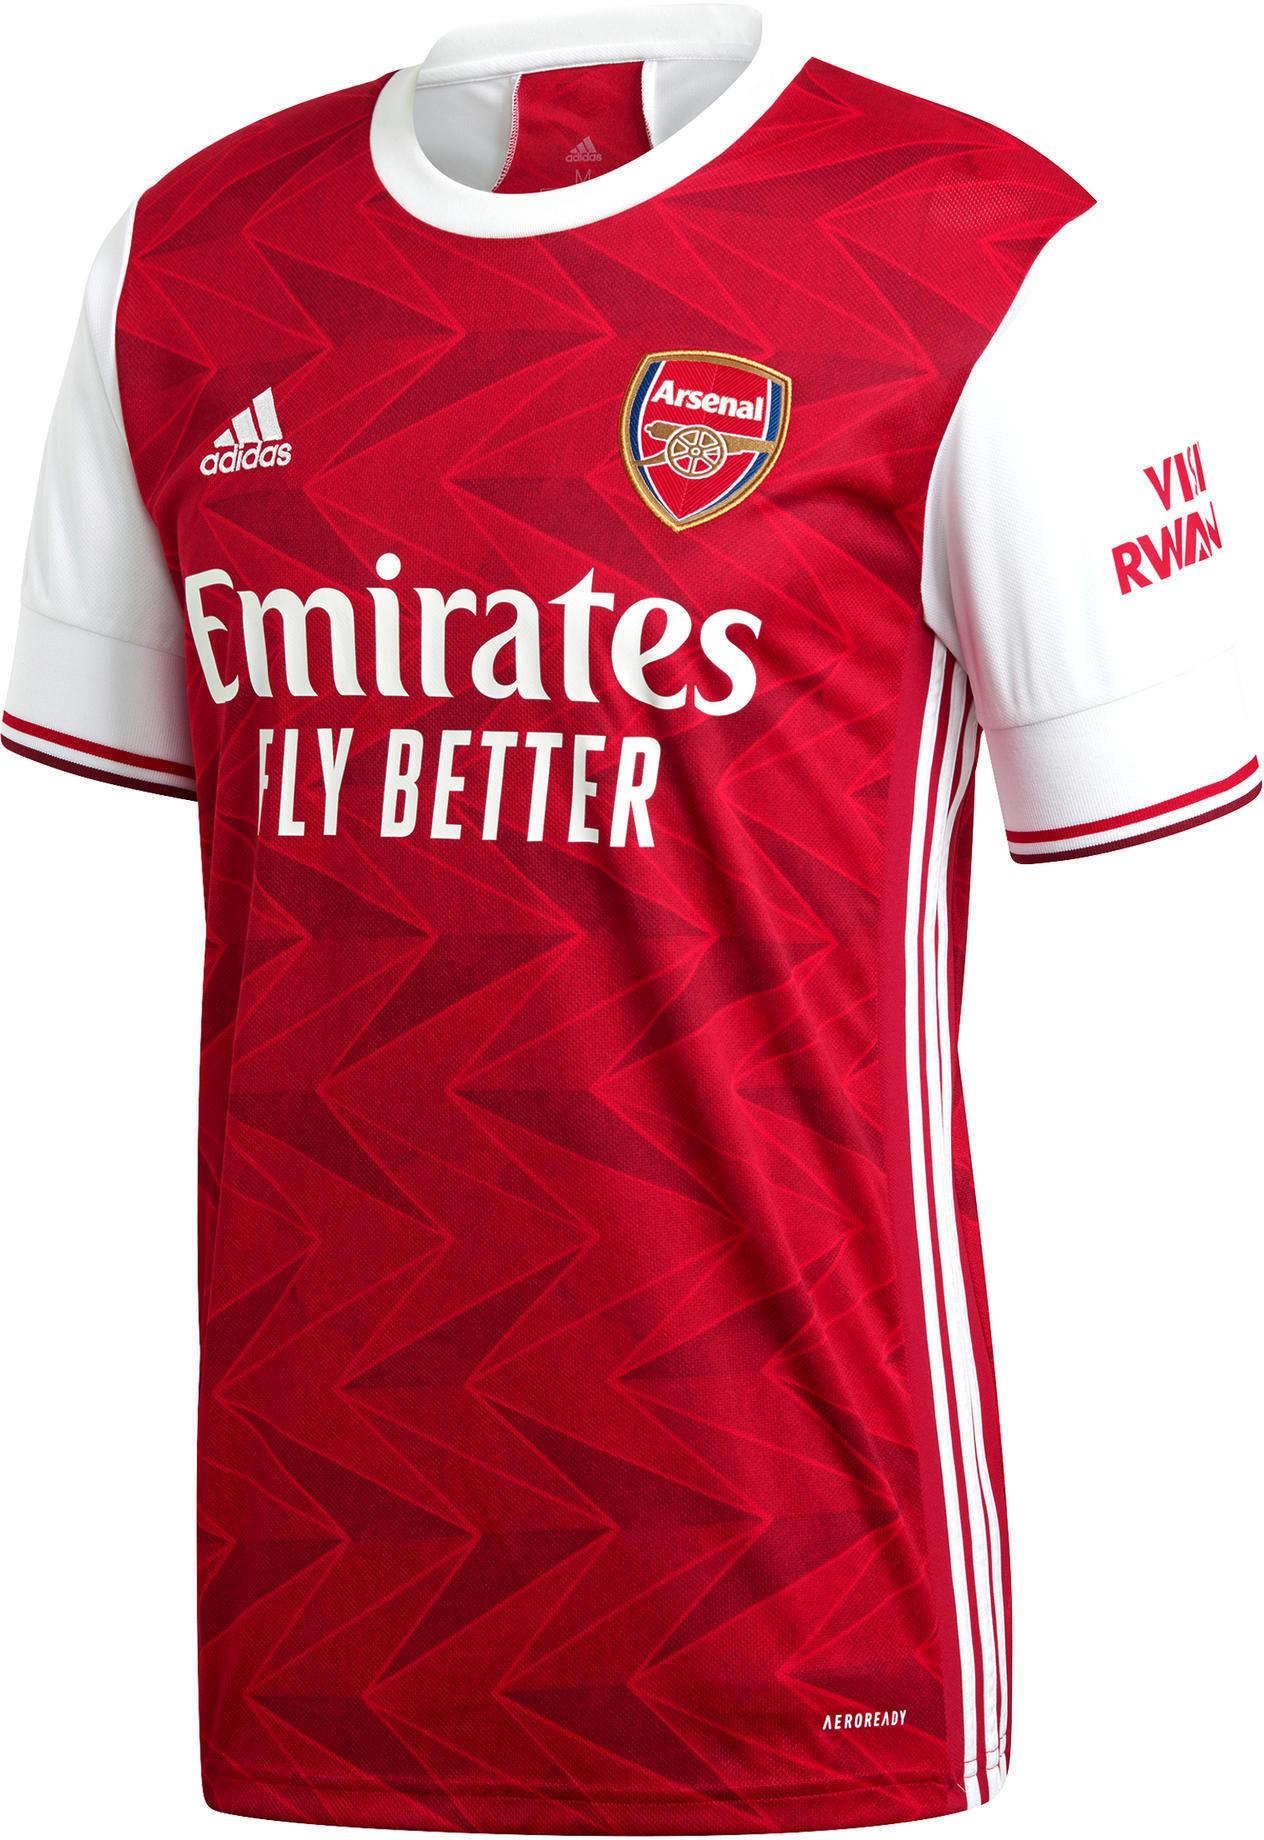 Koszulka piłkarska dla dorosłych Adidas Arsenal home 20/21